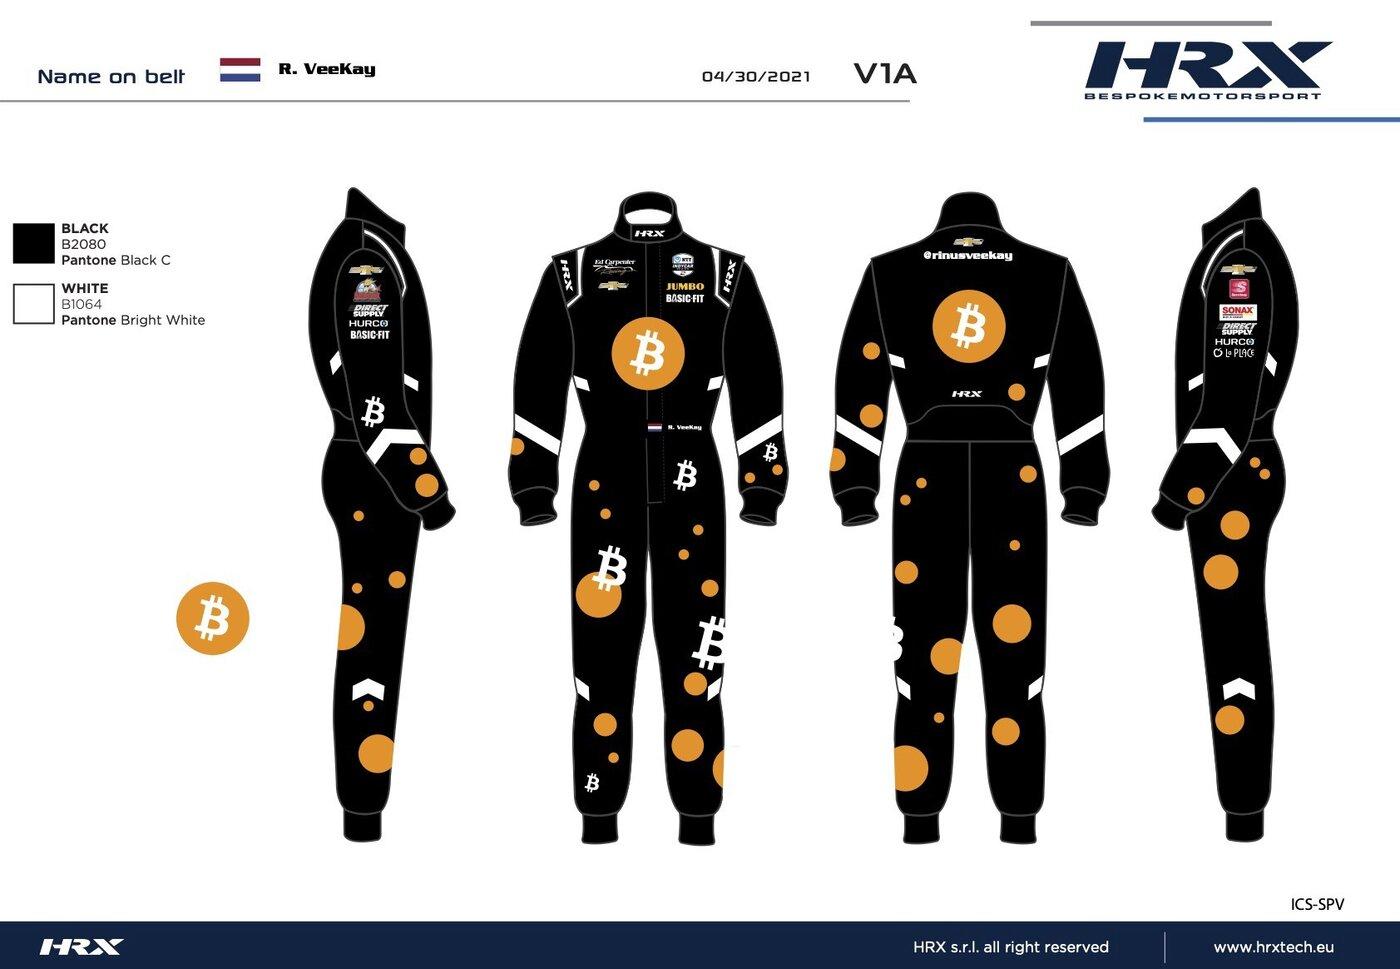 A blueprint for a driver's uniform